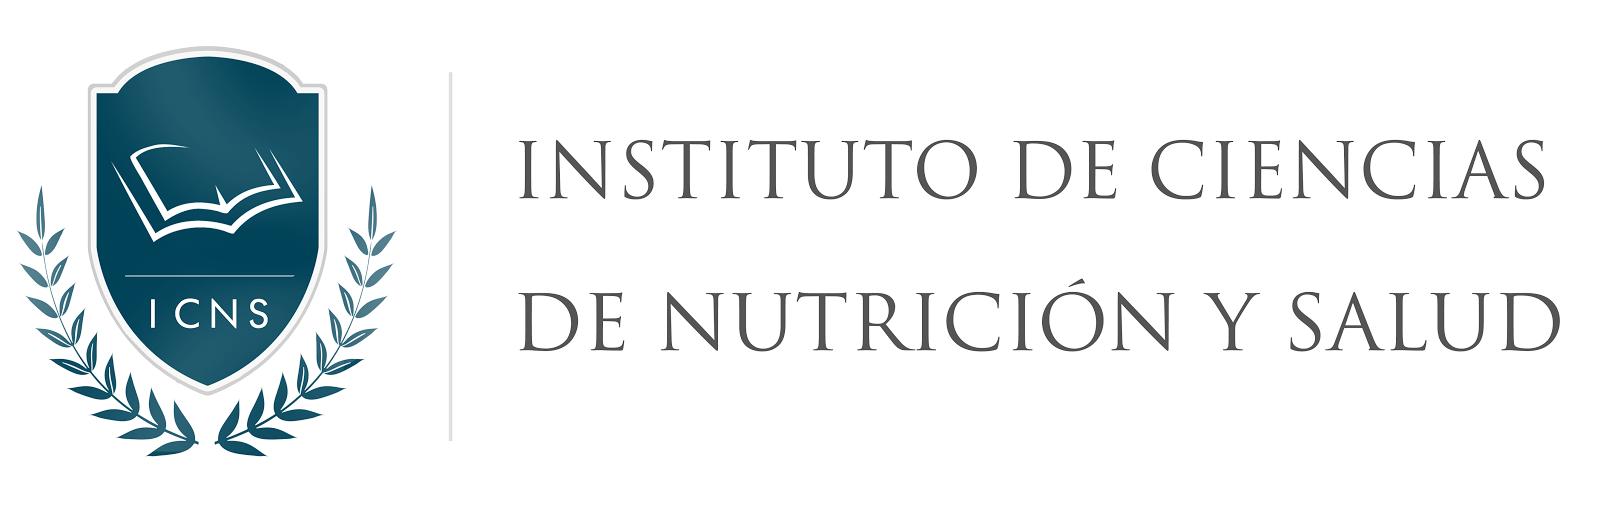 ESTUDIA NUTRICIÓN CON